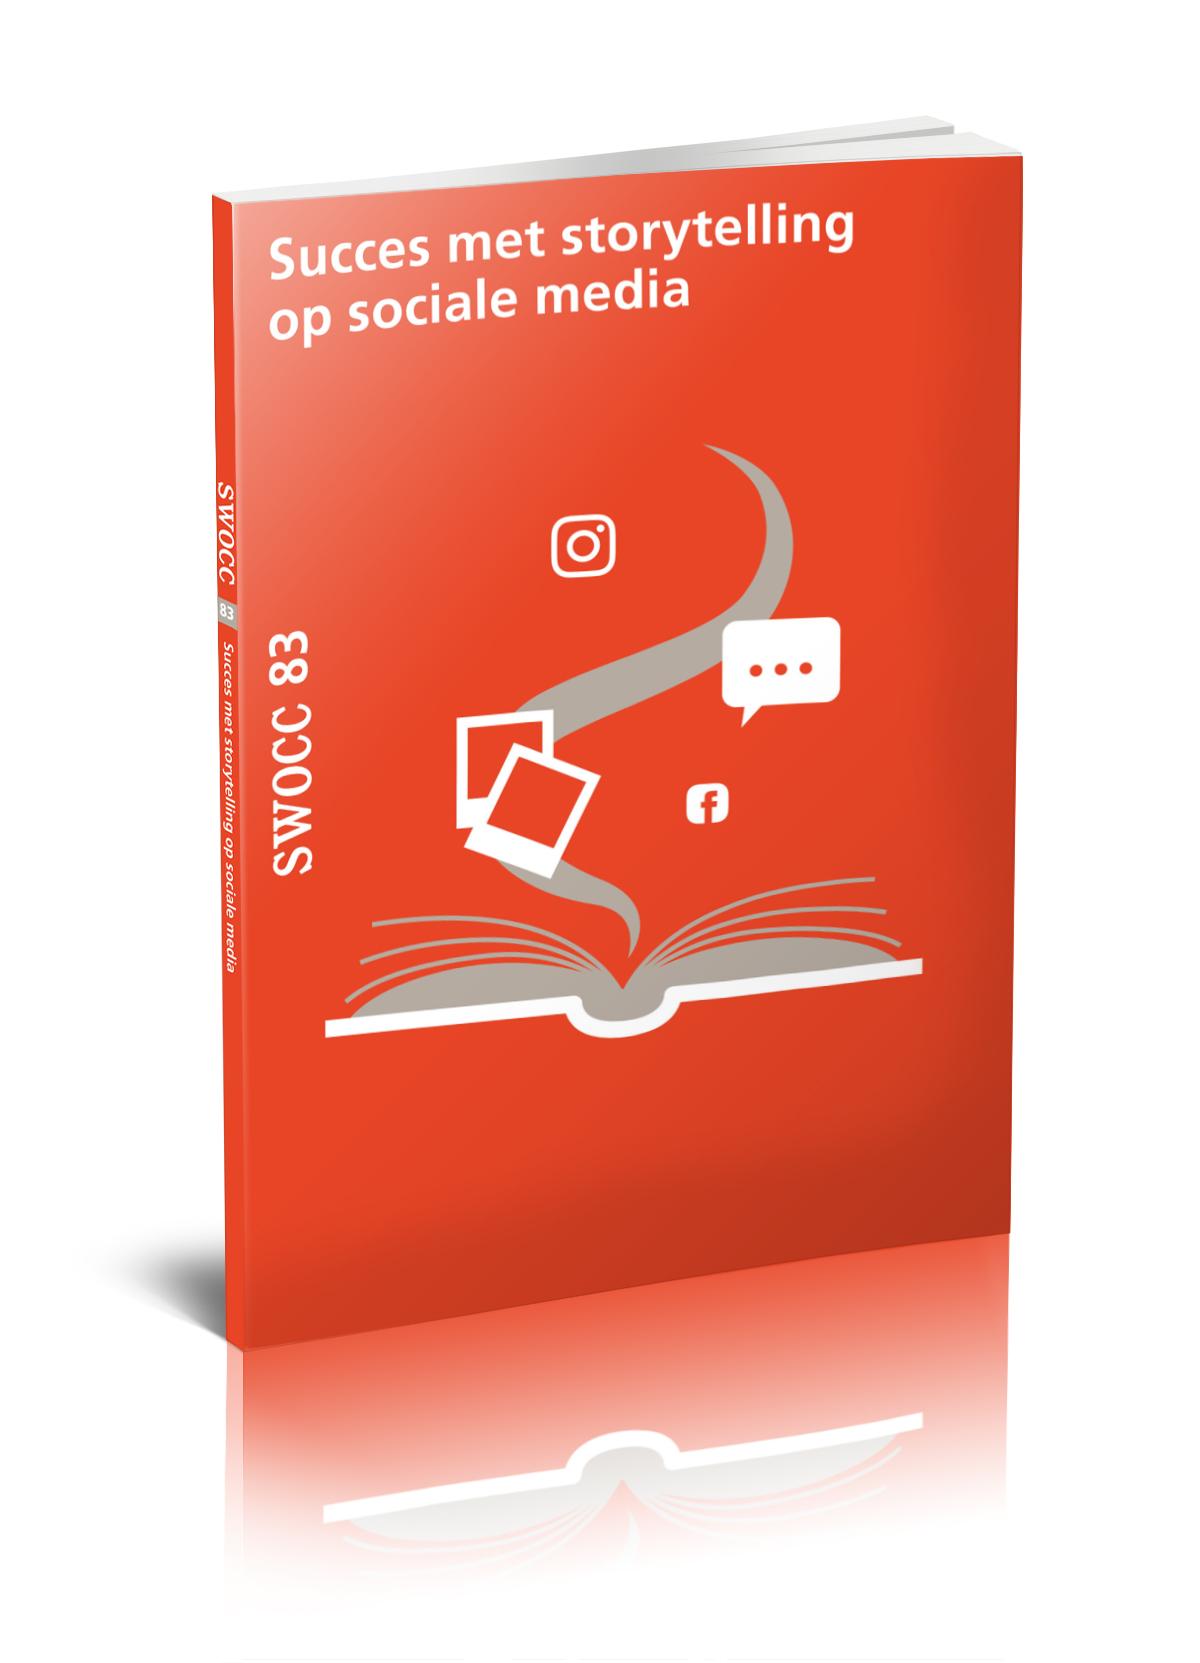 Succes met storytelling op sociale media